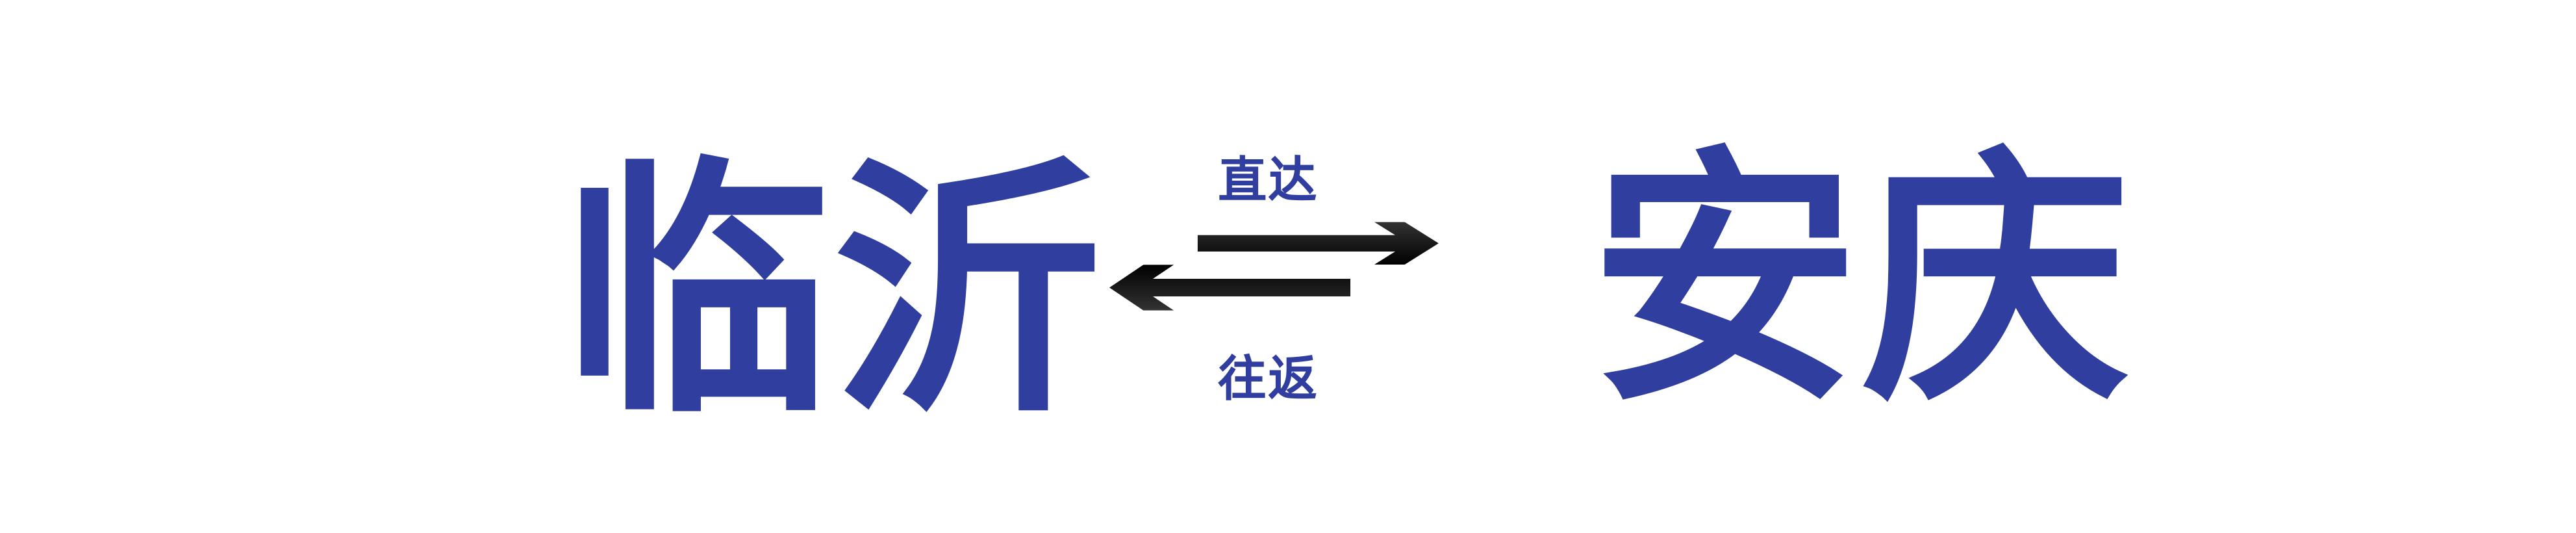 raybet竞赛到安庆raybet56